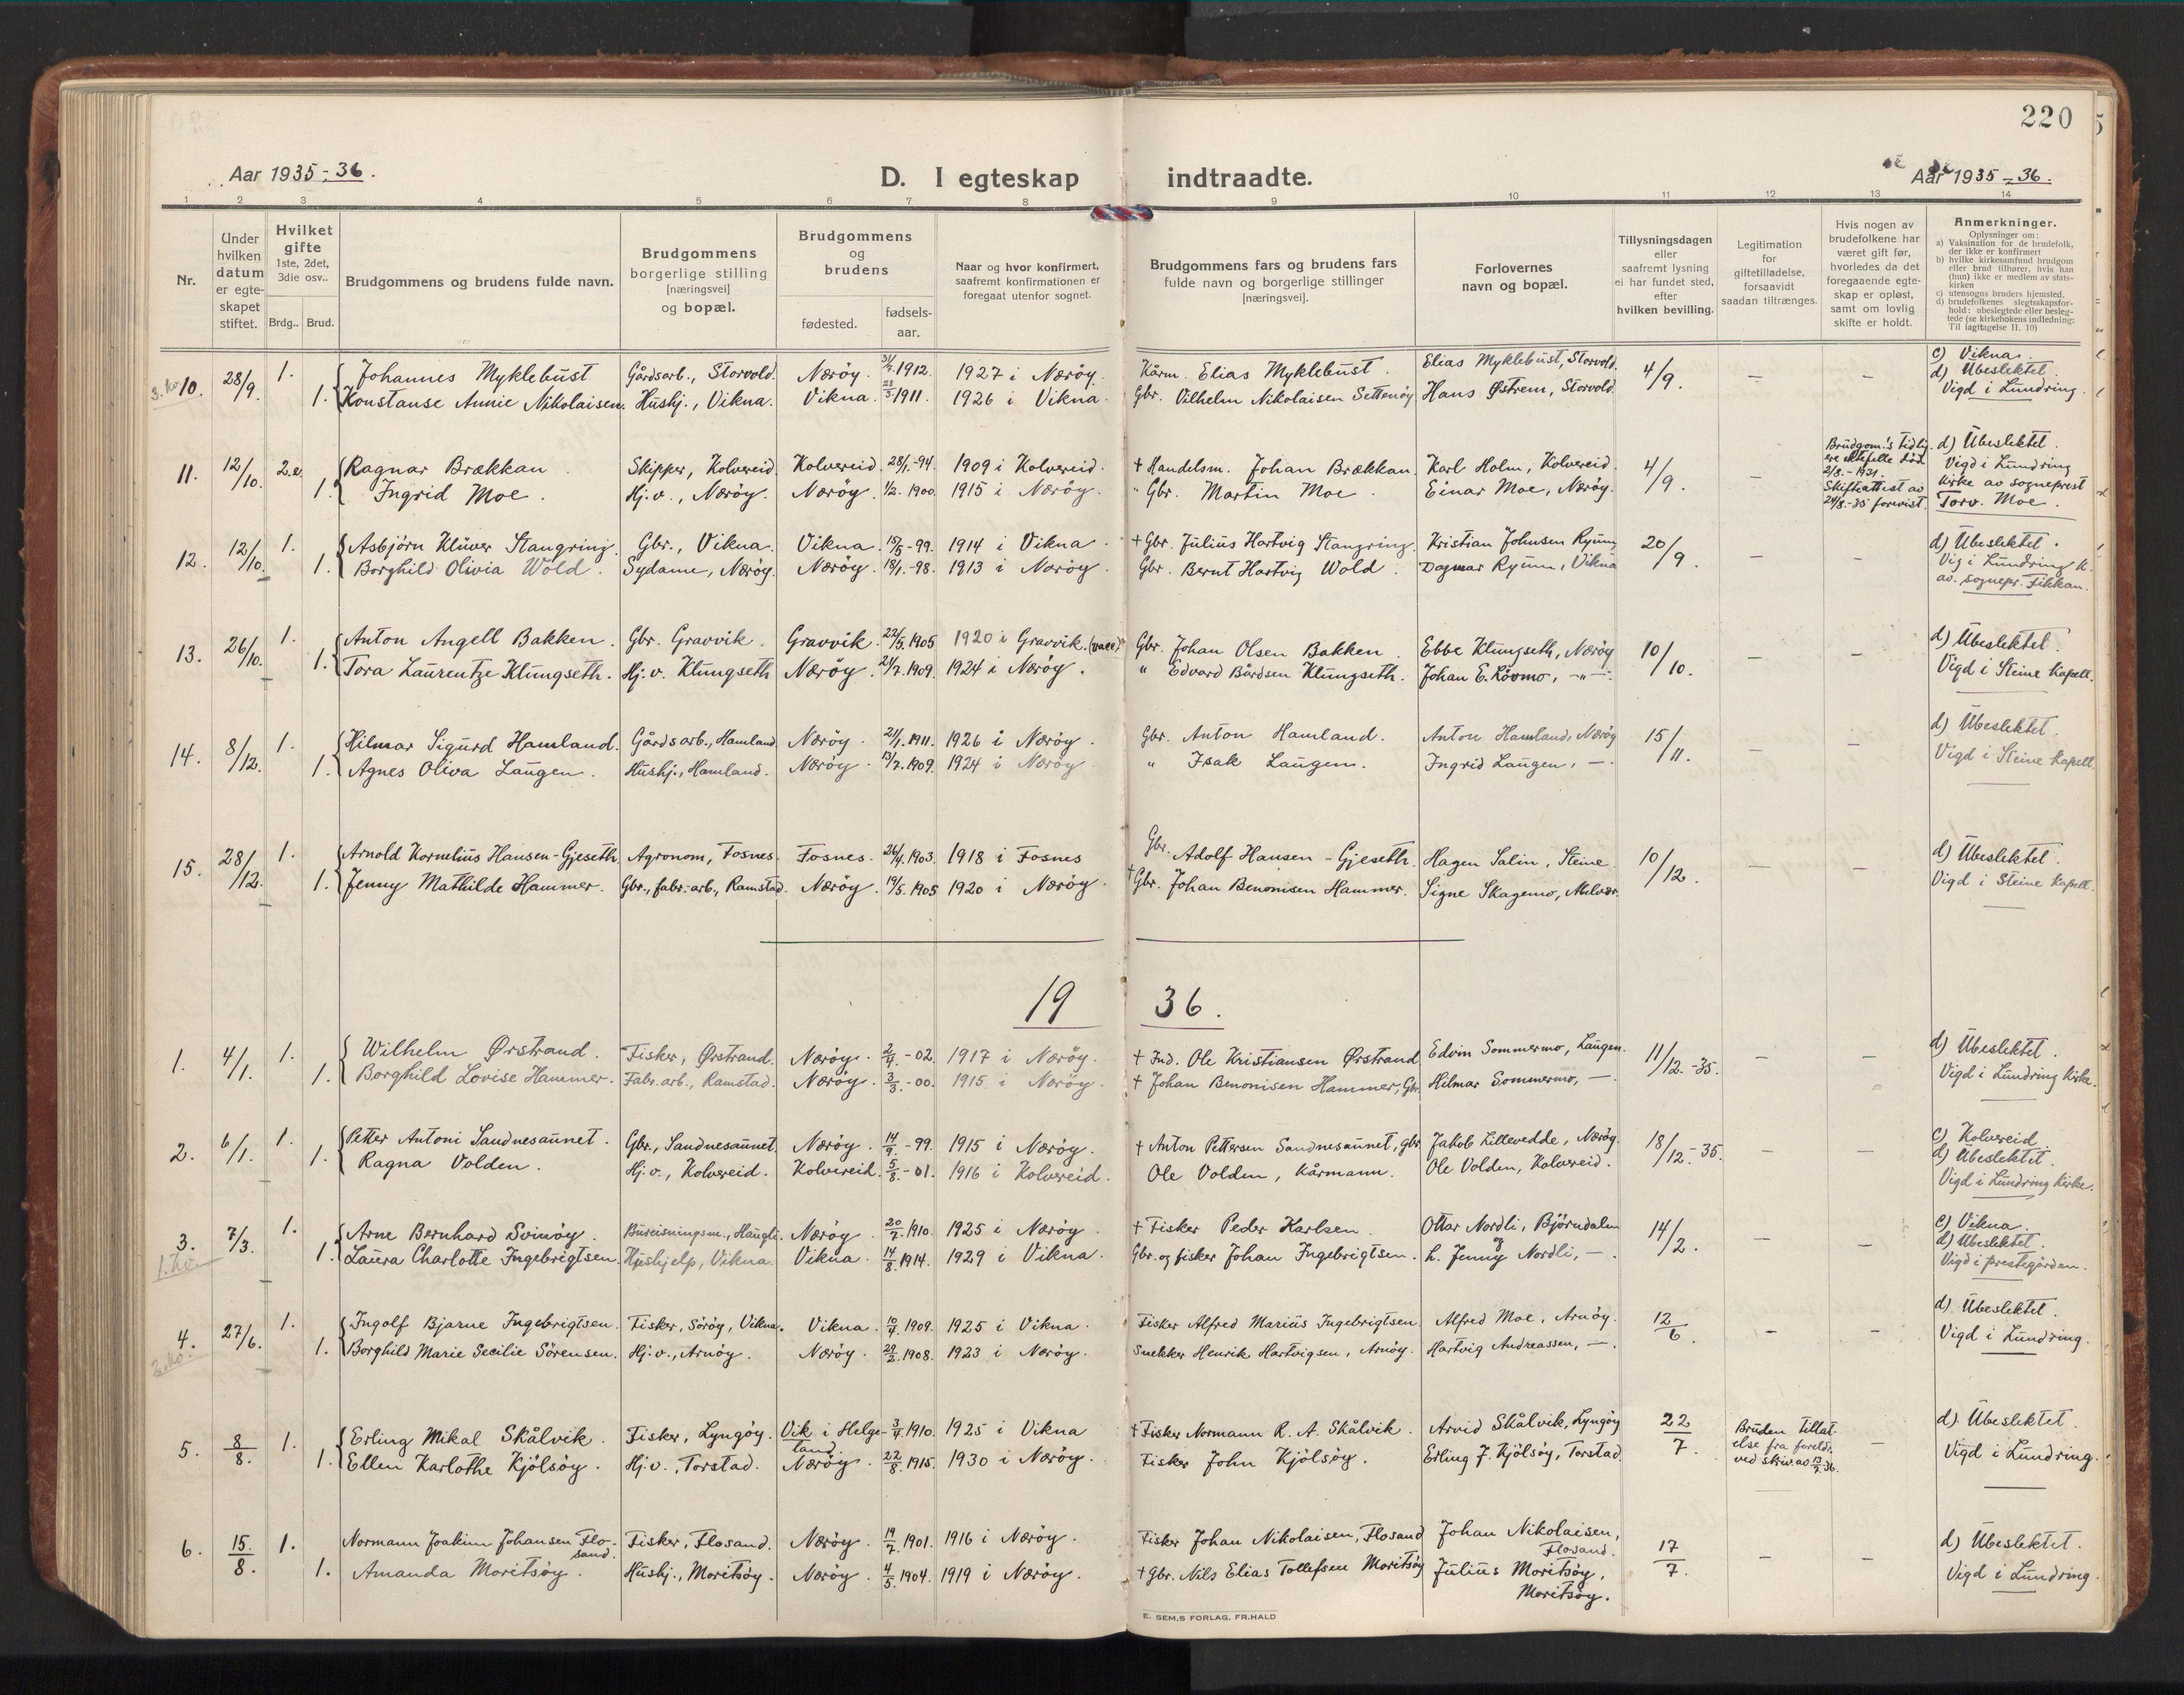 SAT, Ministerialprotokoller, klokkerbøker og fødselsregistre - Nord-Trøndelag, 784/L0678: Ministerialbok nr. 784A13, 1921-1938, s. 220